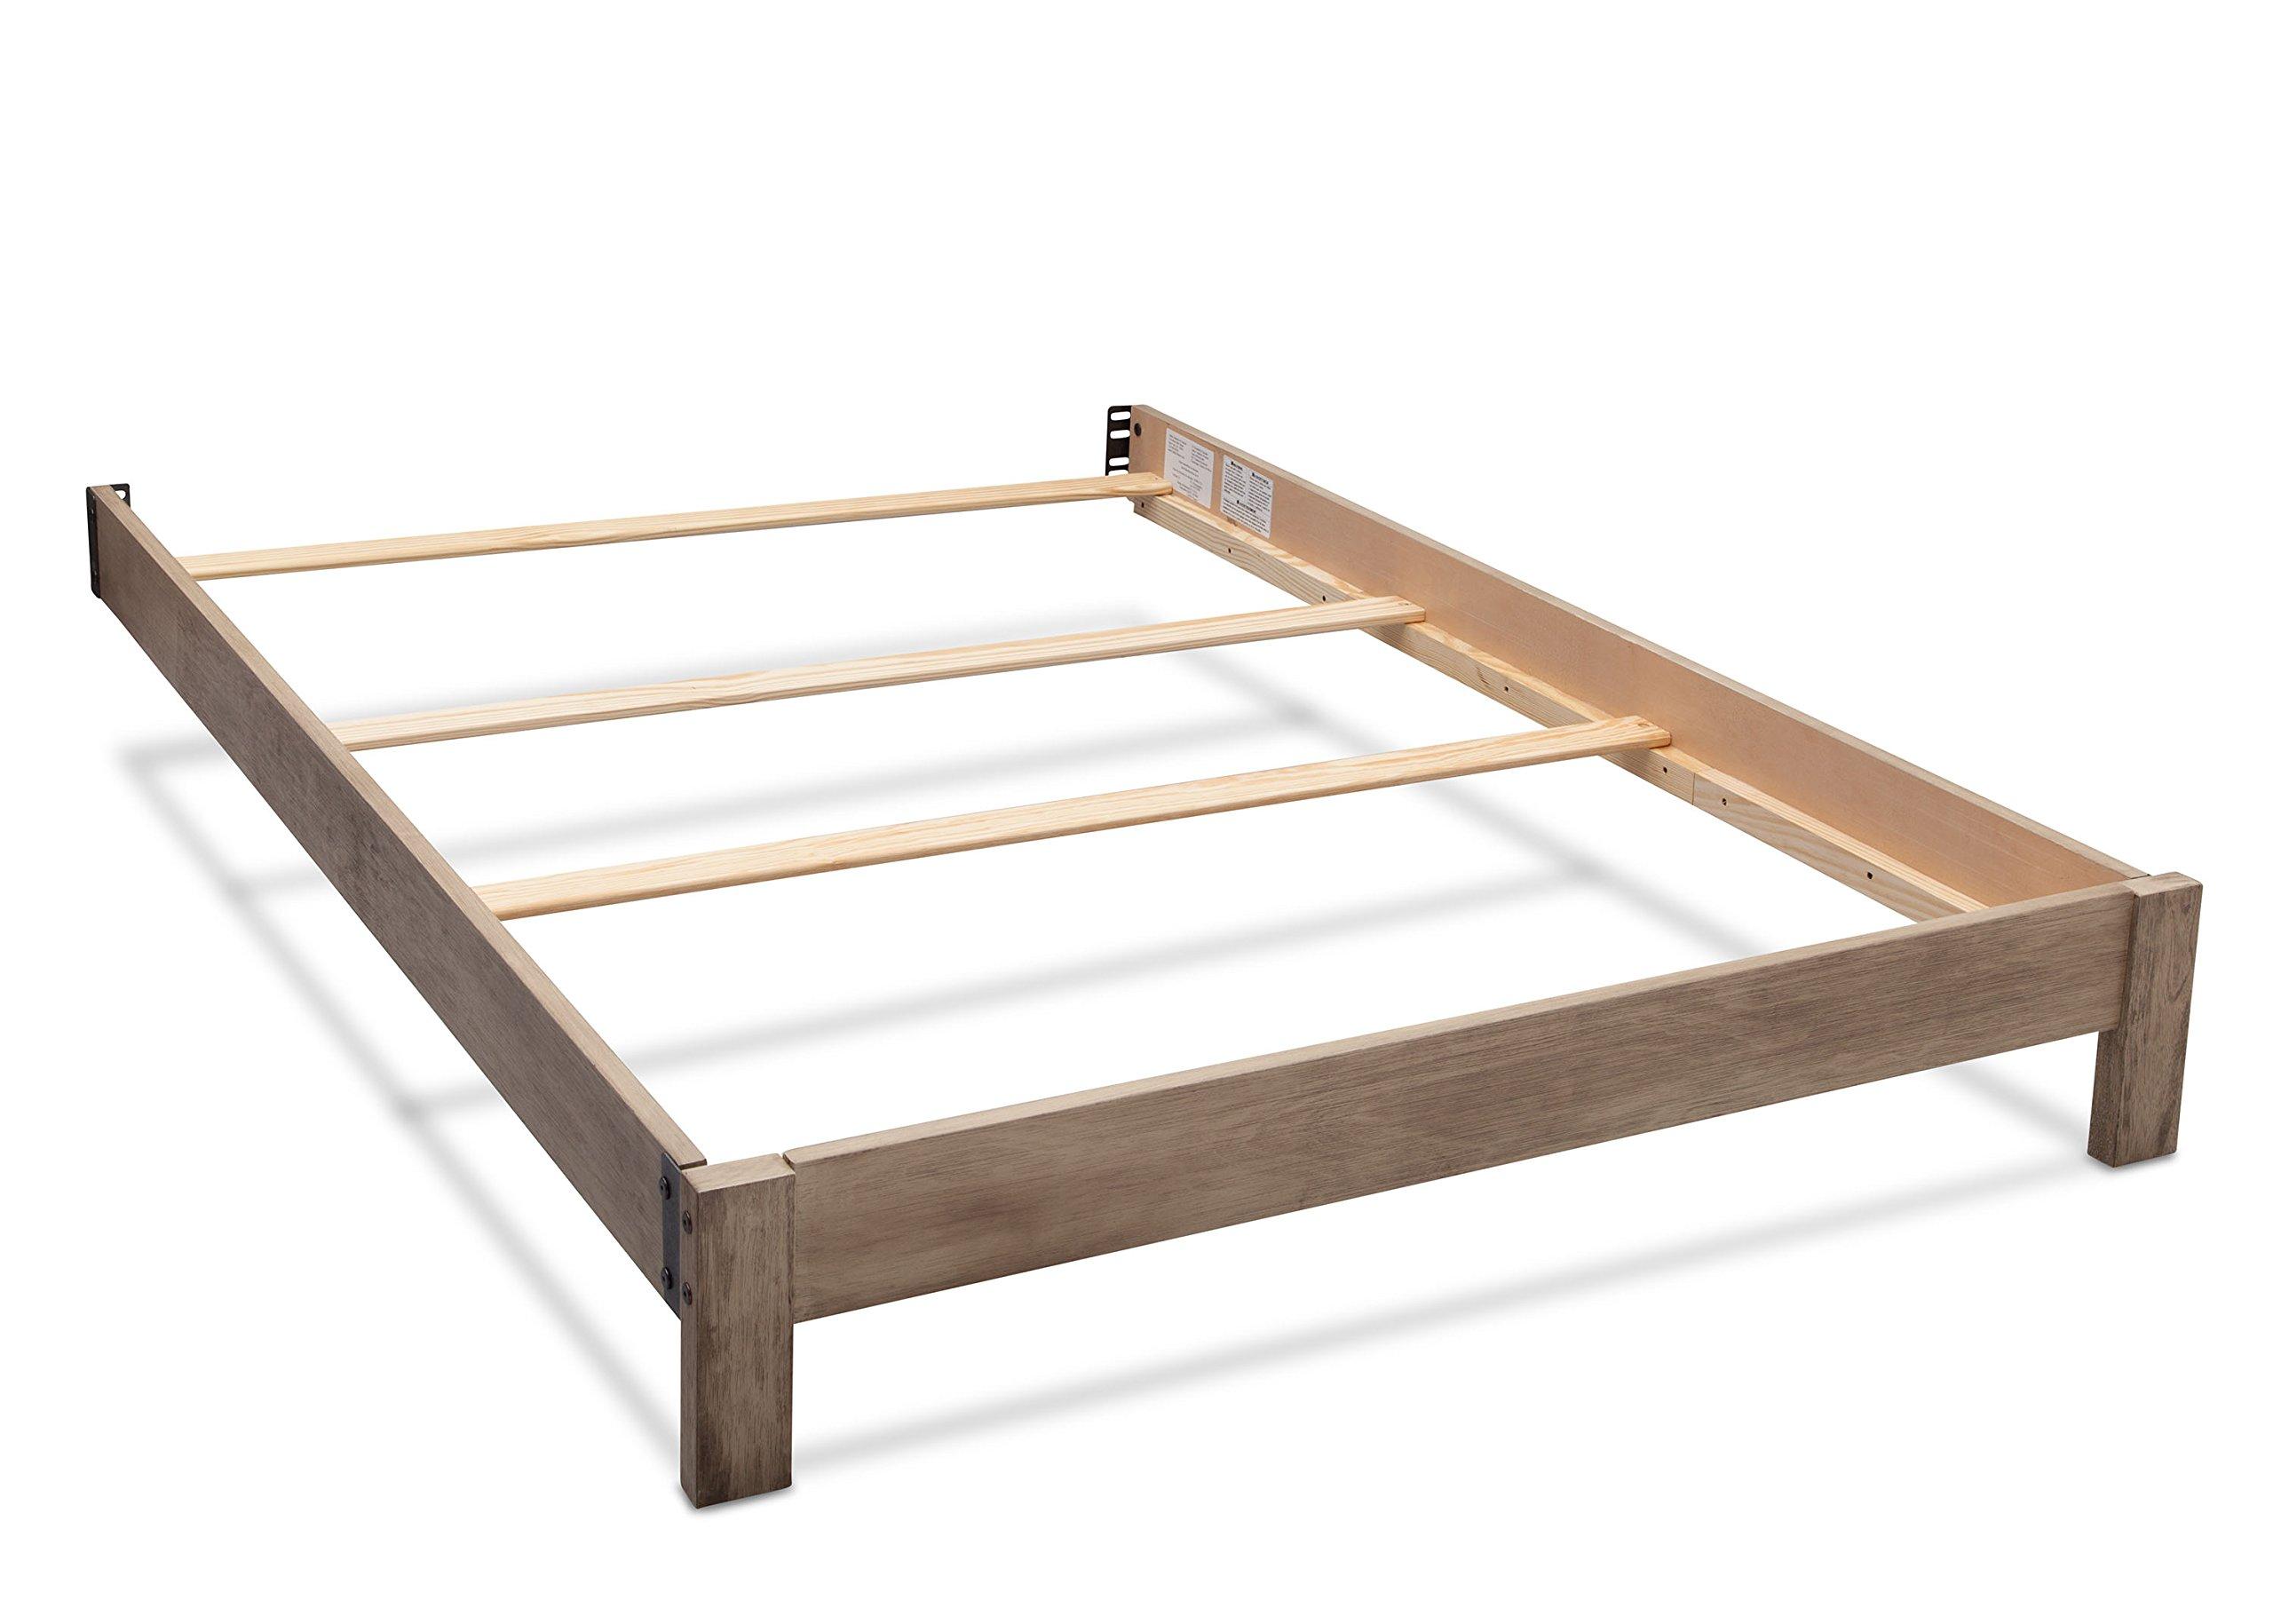 Serta Full Size Platform Bed Kit #700850, Rustic Whitewash